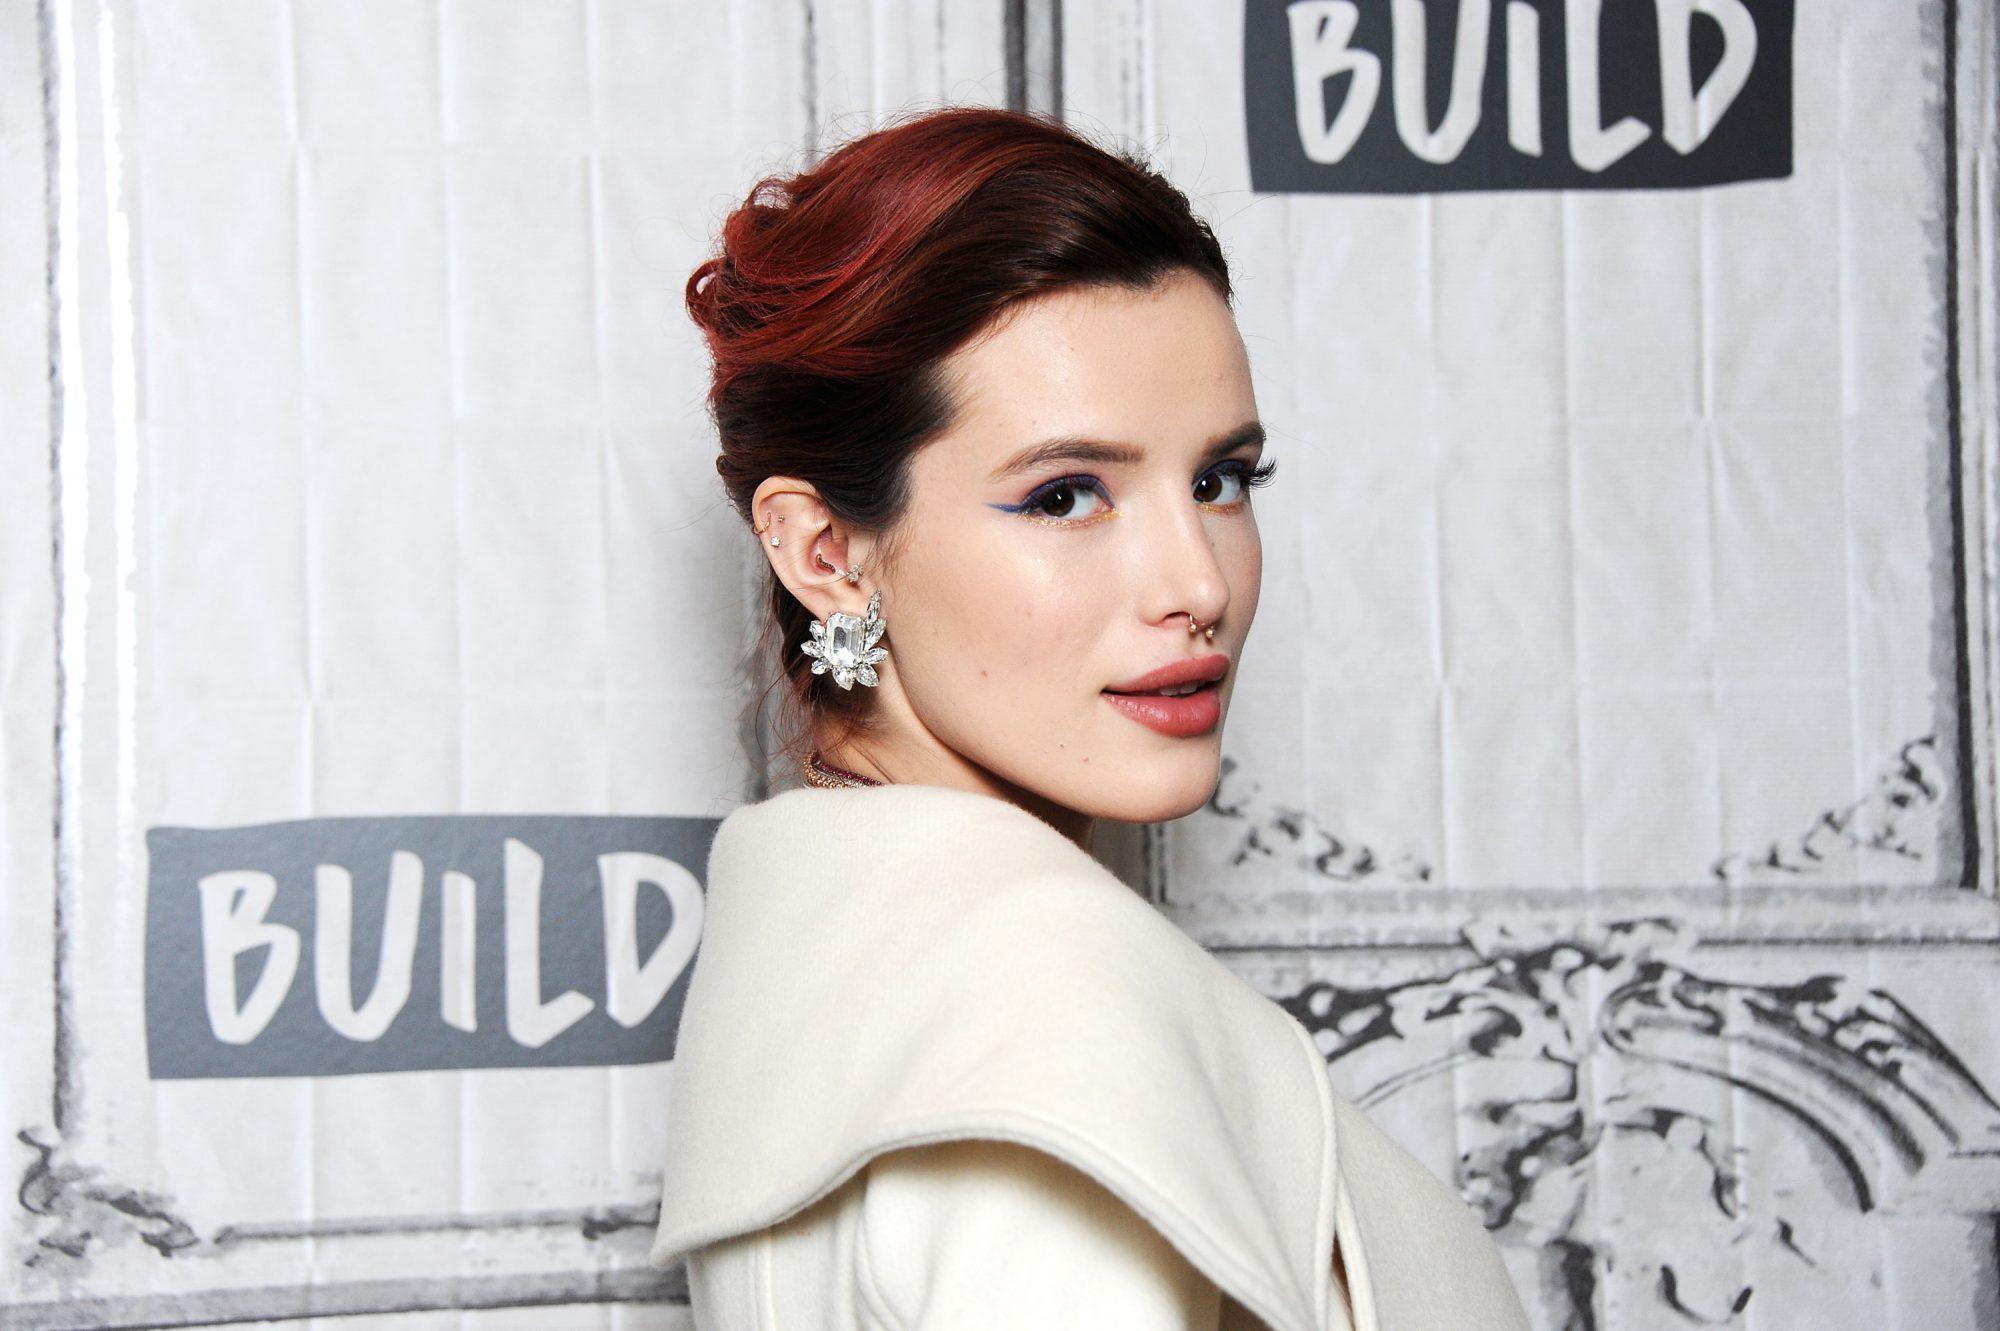 Bella-Thorne-white-coat.jpg